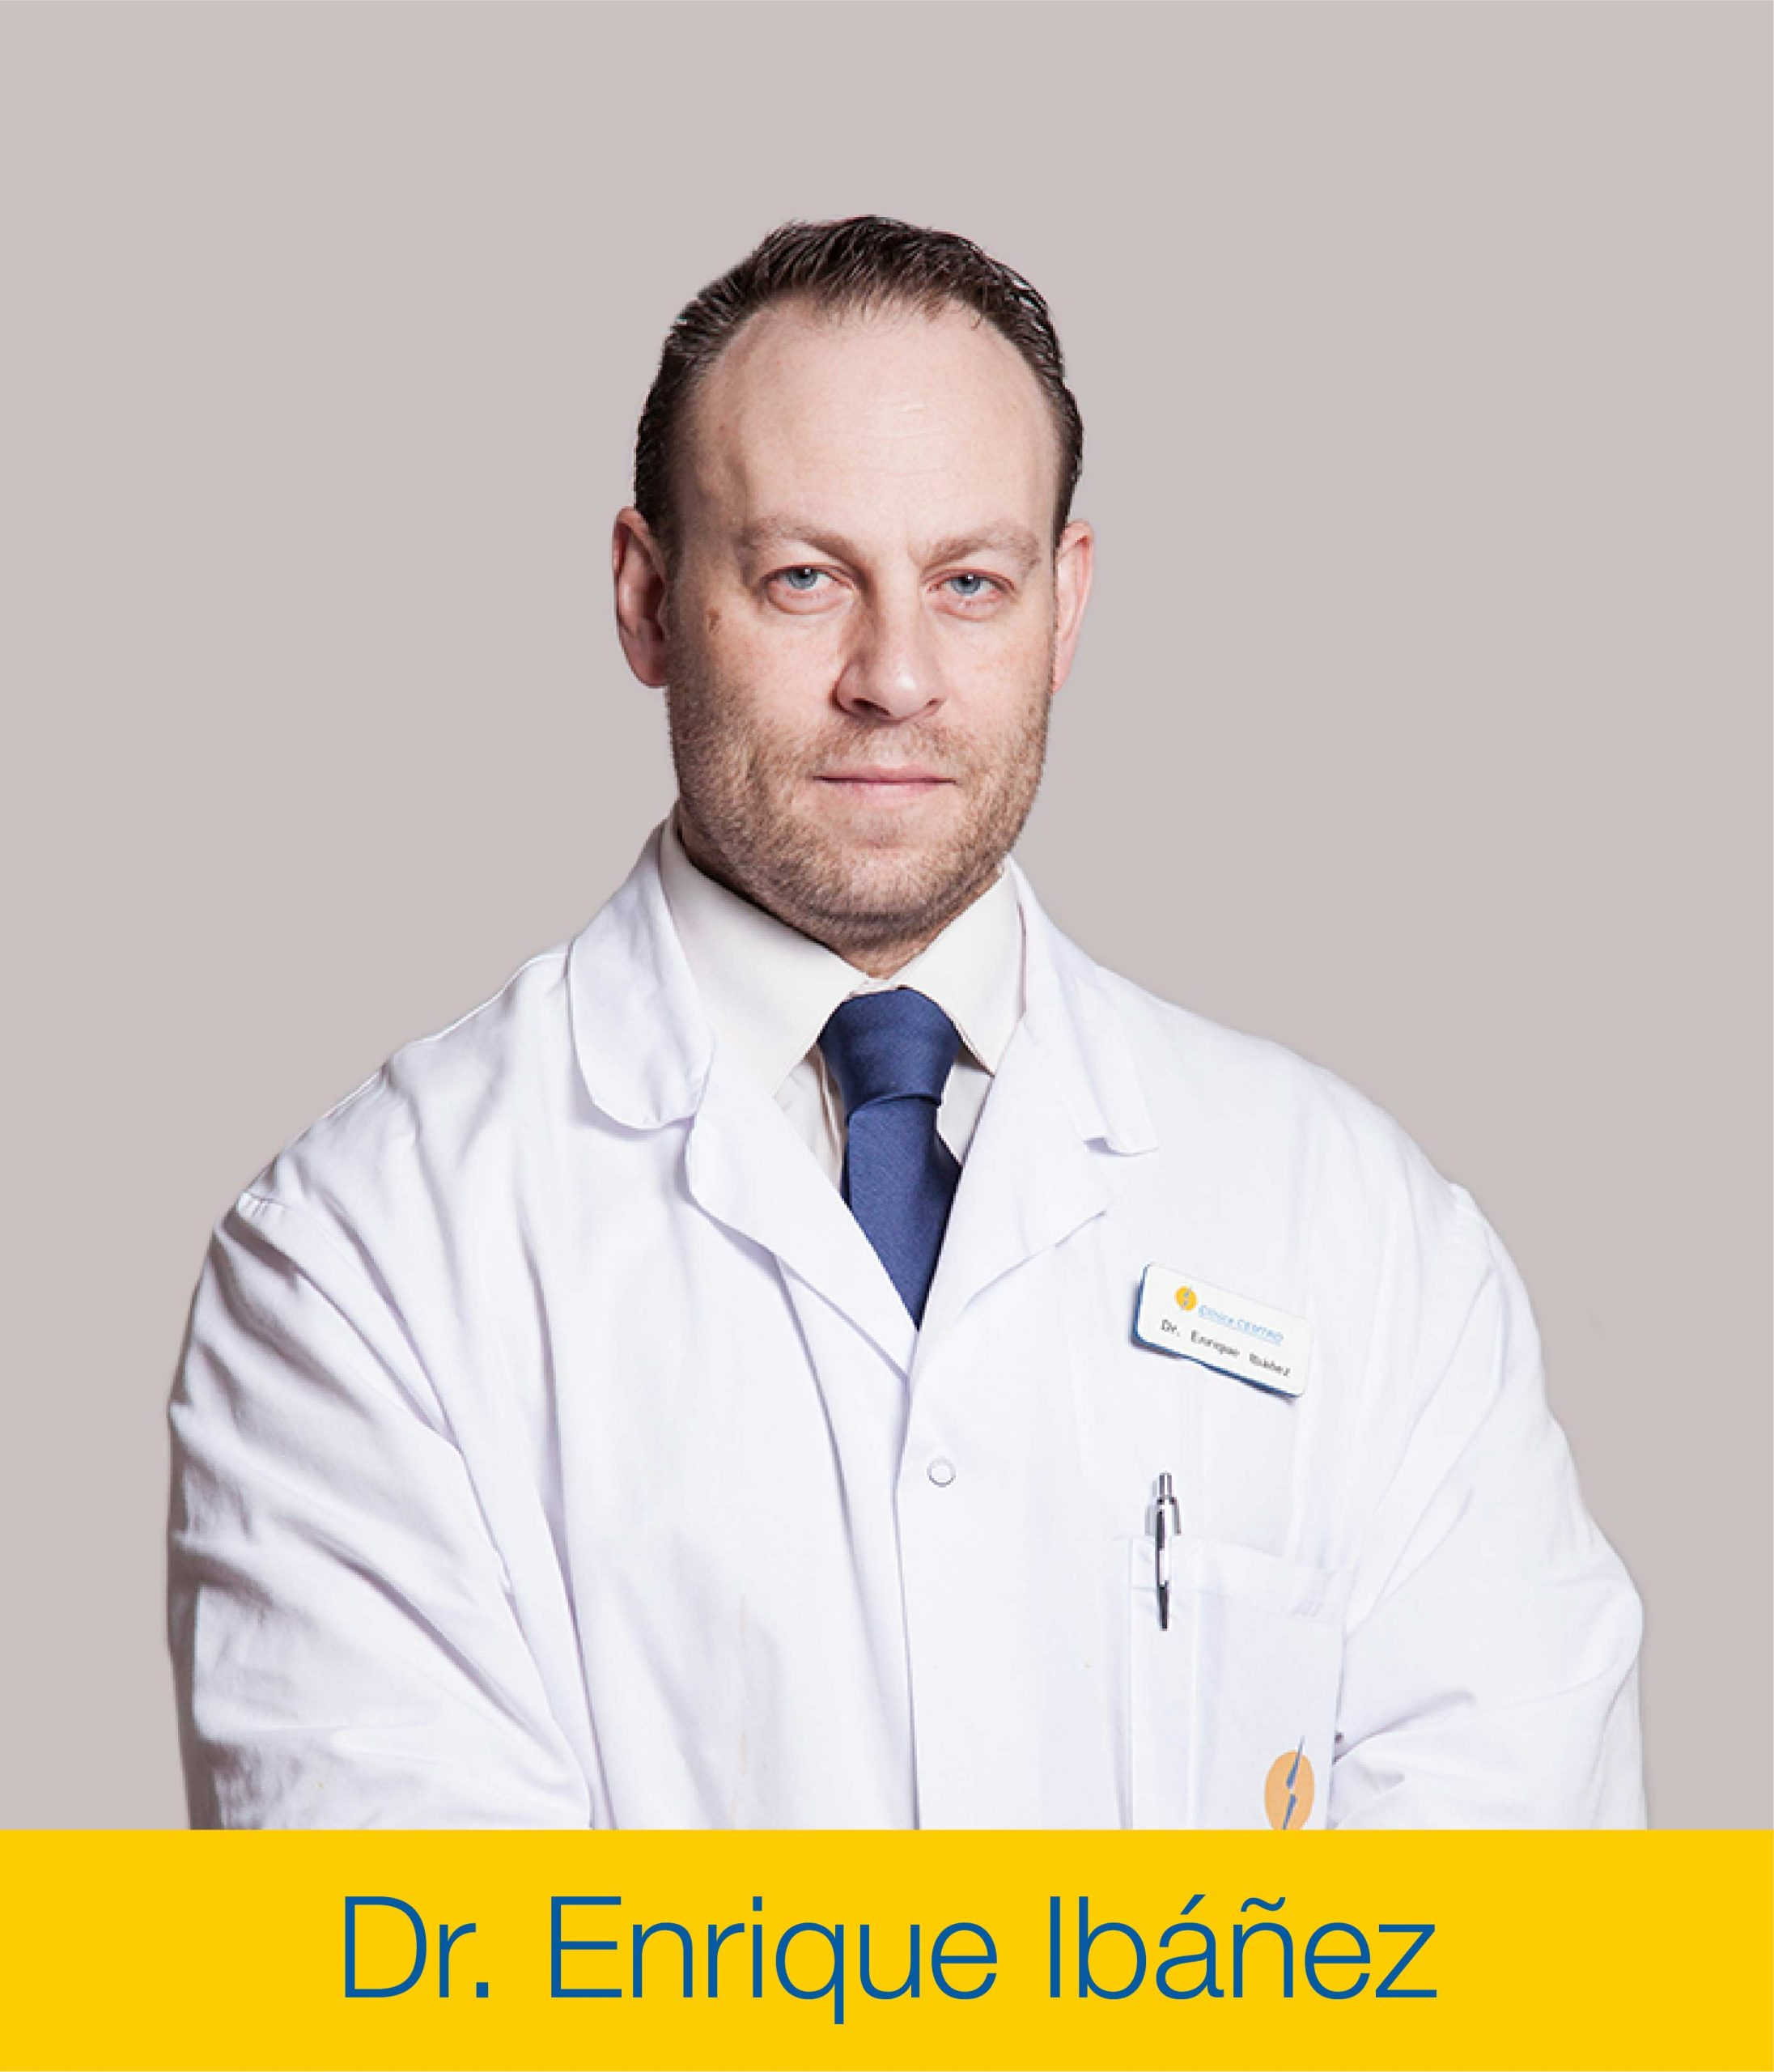 Cirugia Ligamento Cruzado Doctor Enrique Ibanez